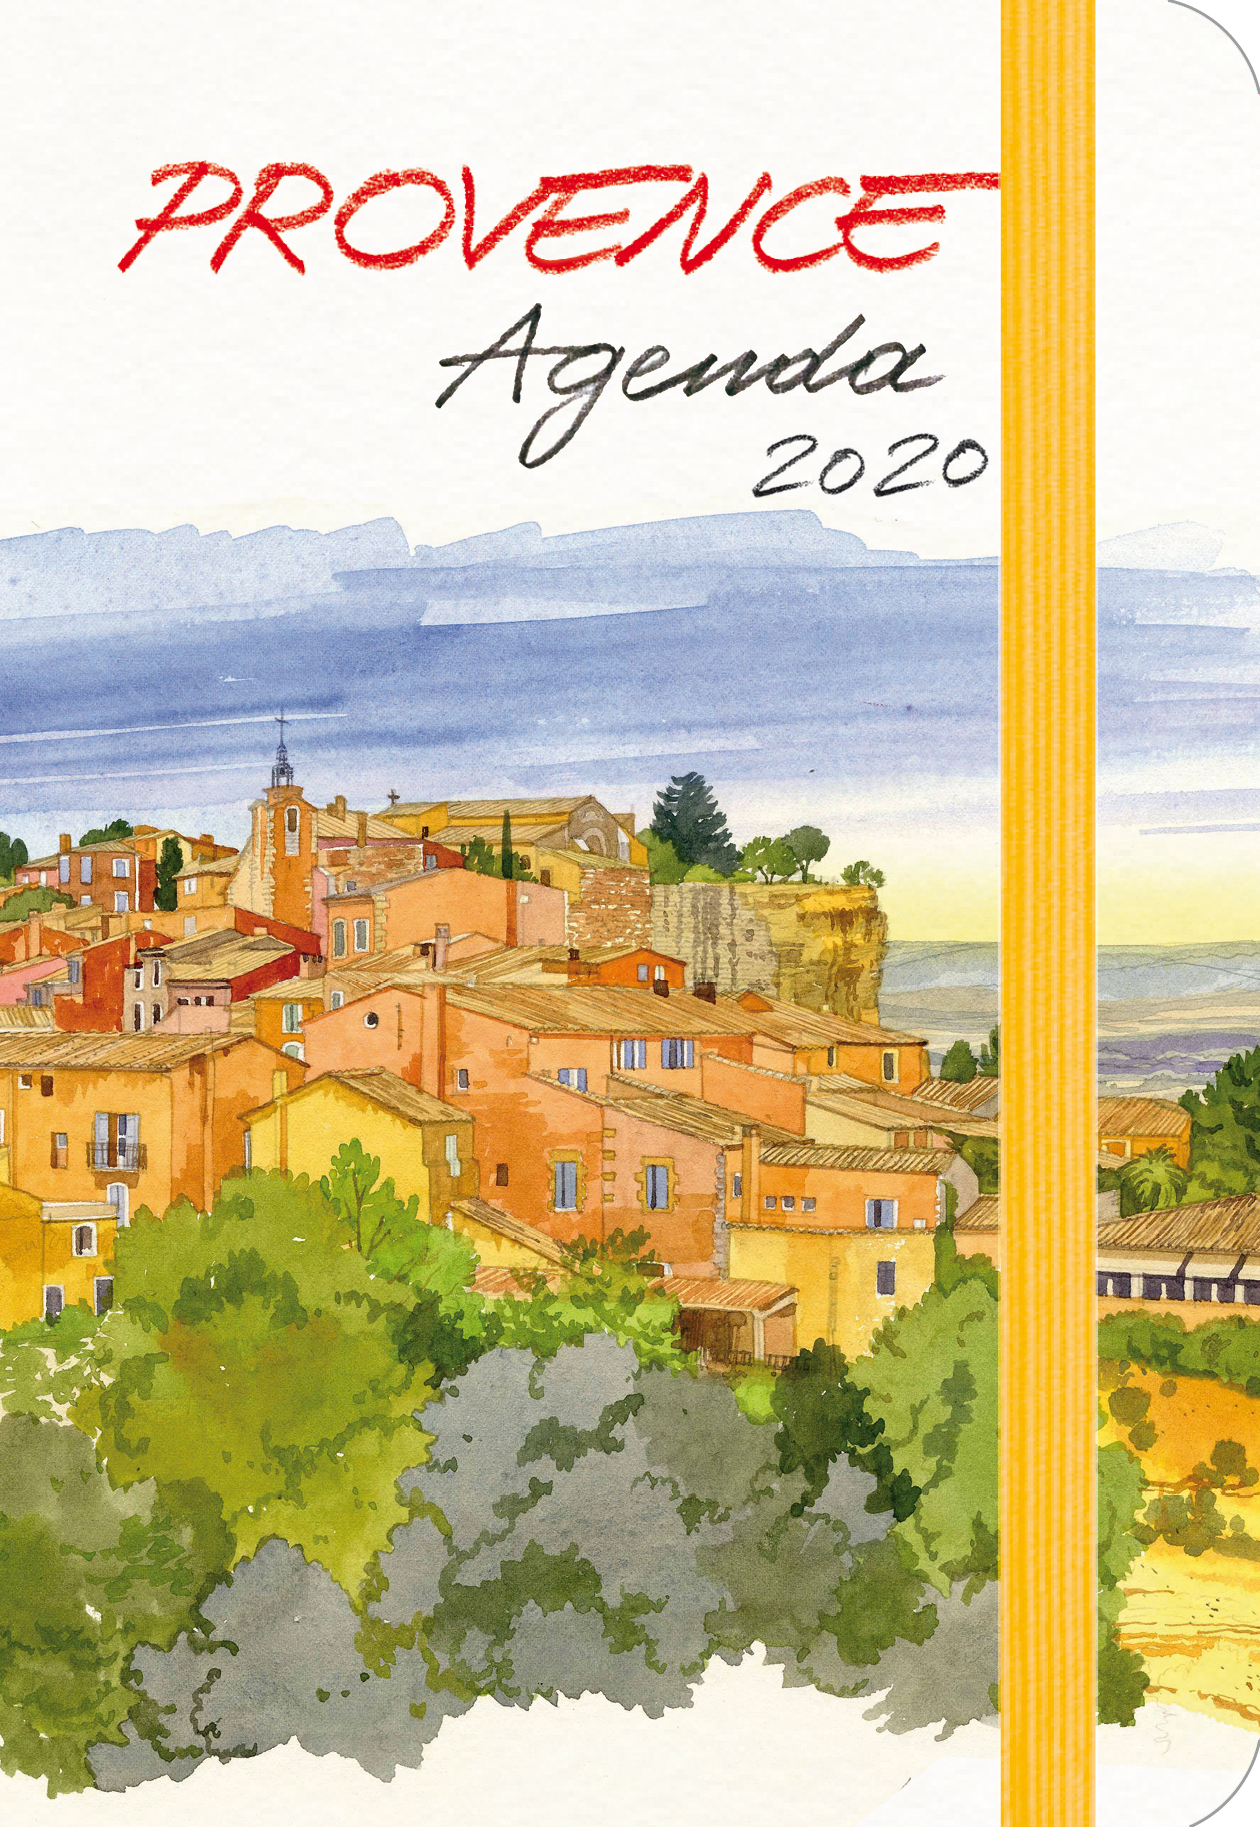 Provence Agenda 2020